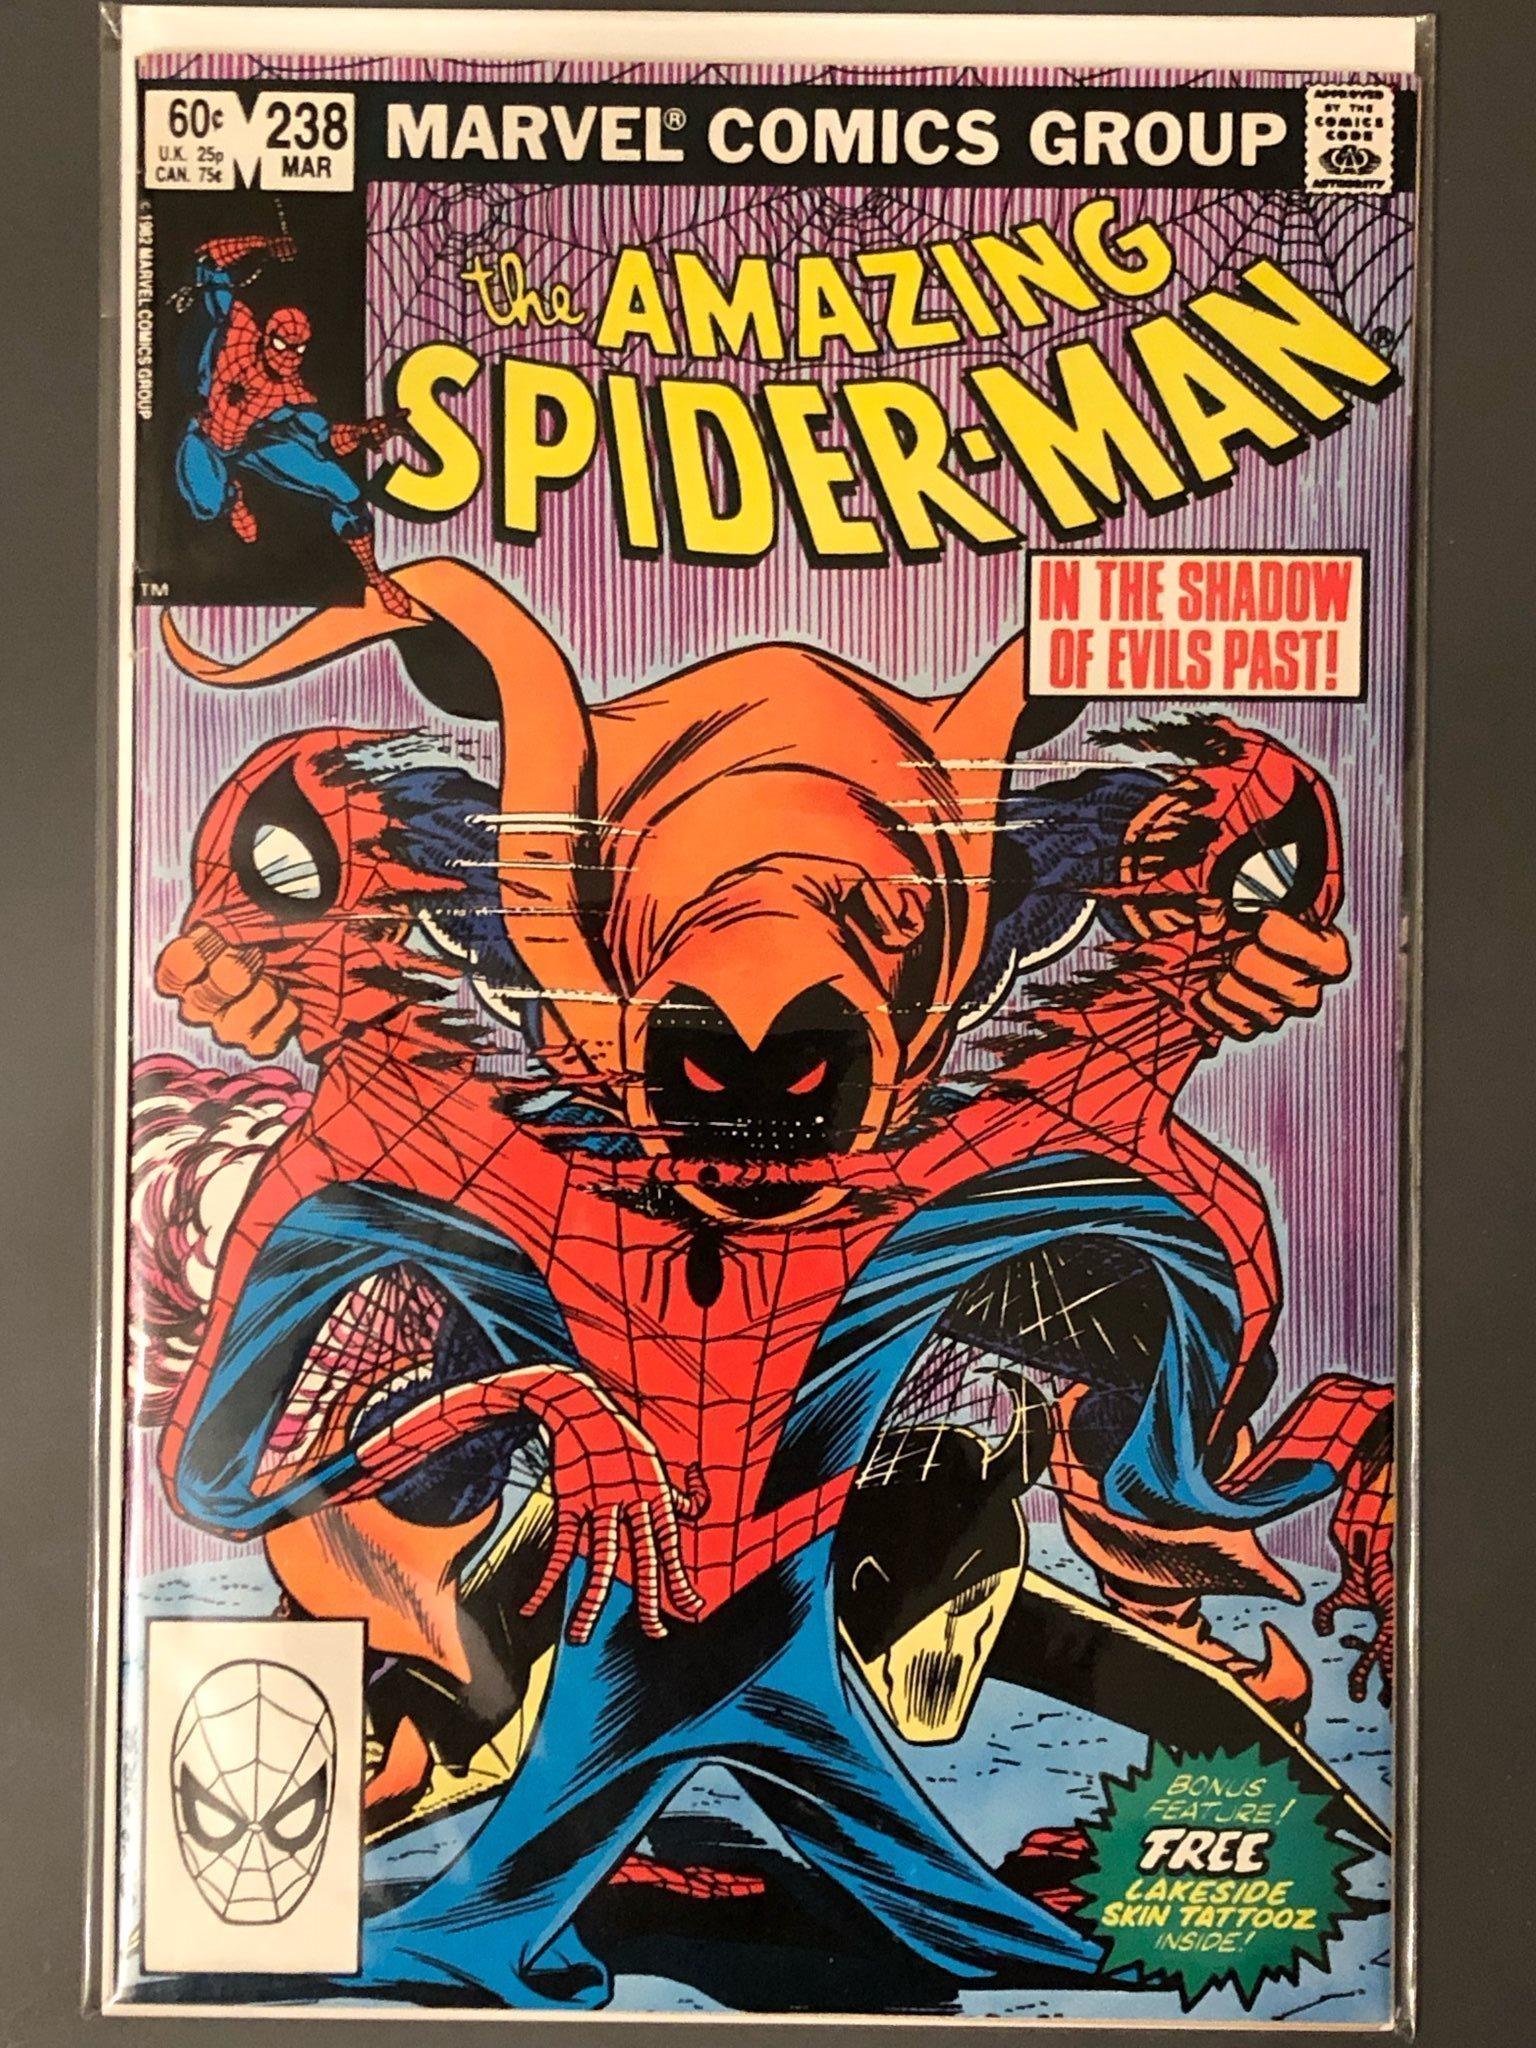 Amazing Spider-Man #238, utan tatueringar. -VF